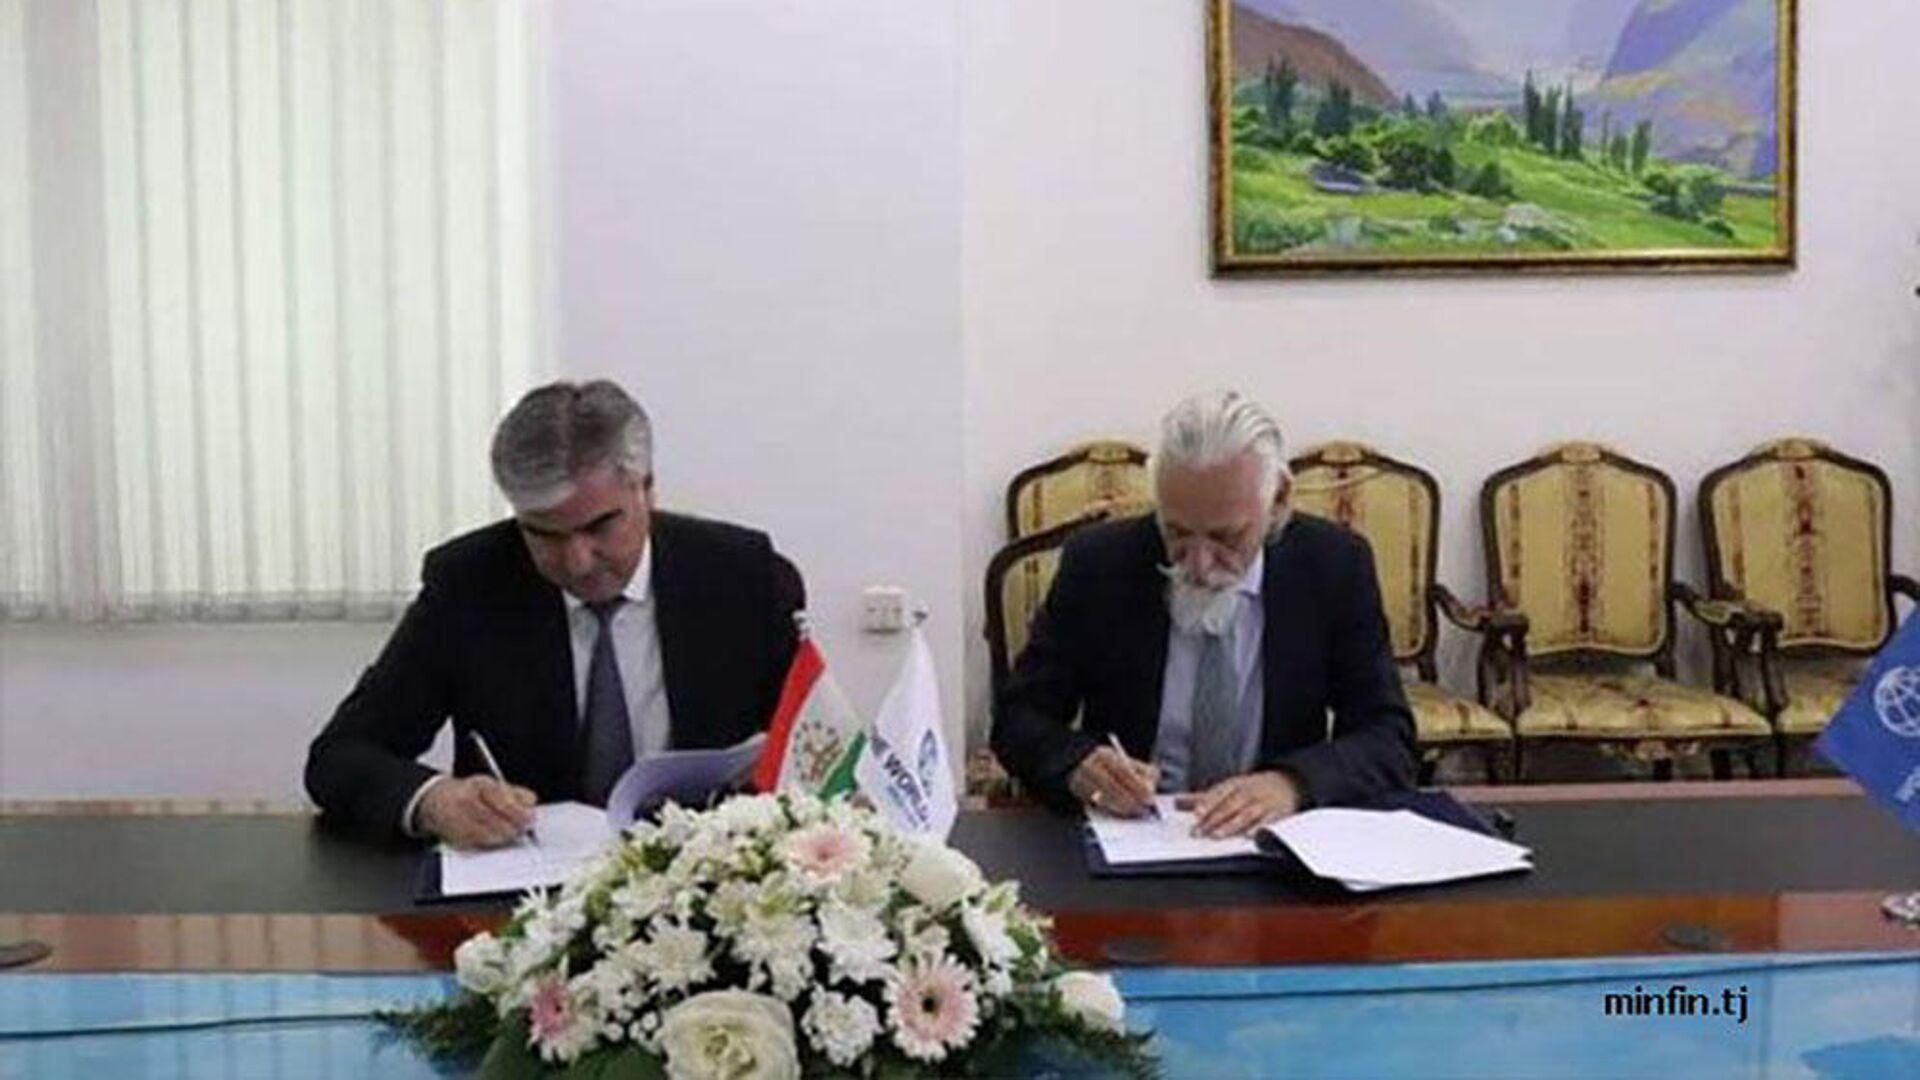 Минфин РТ и Всемирный банк подписали соглашение - Sputnik Таджикистан, 1920, 30.06.2021